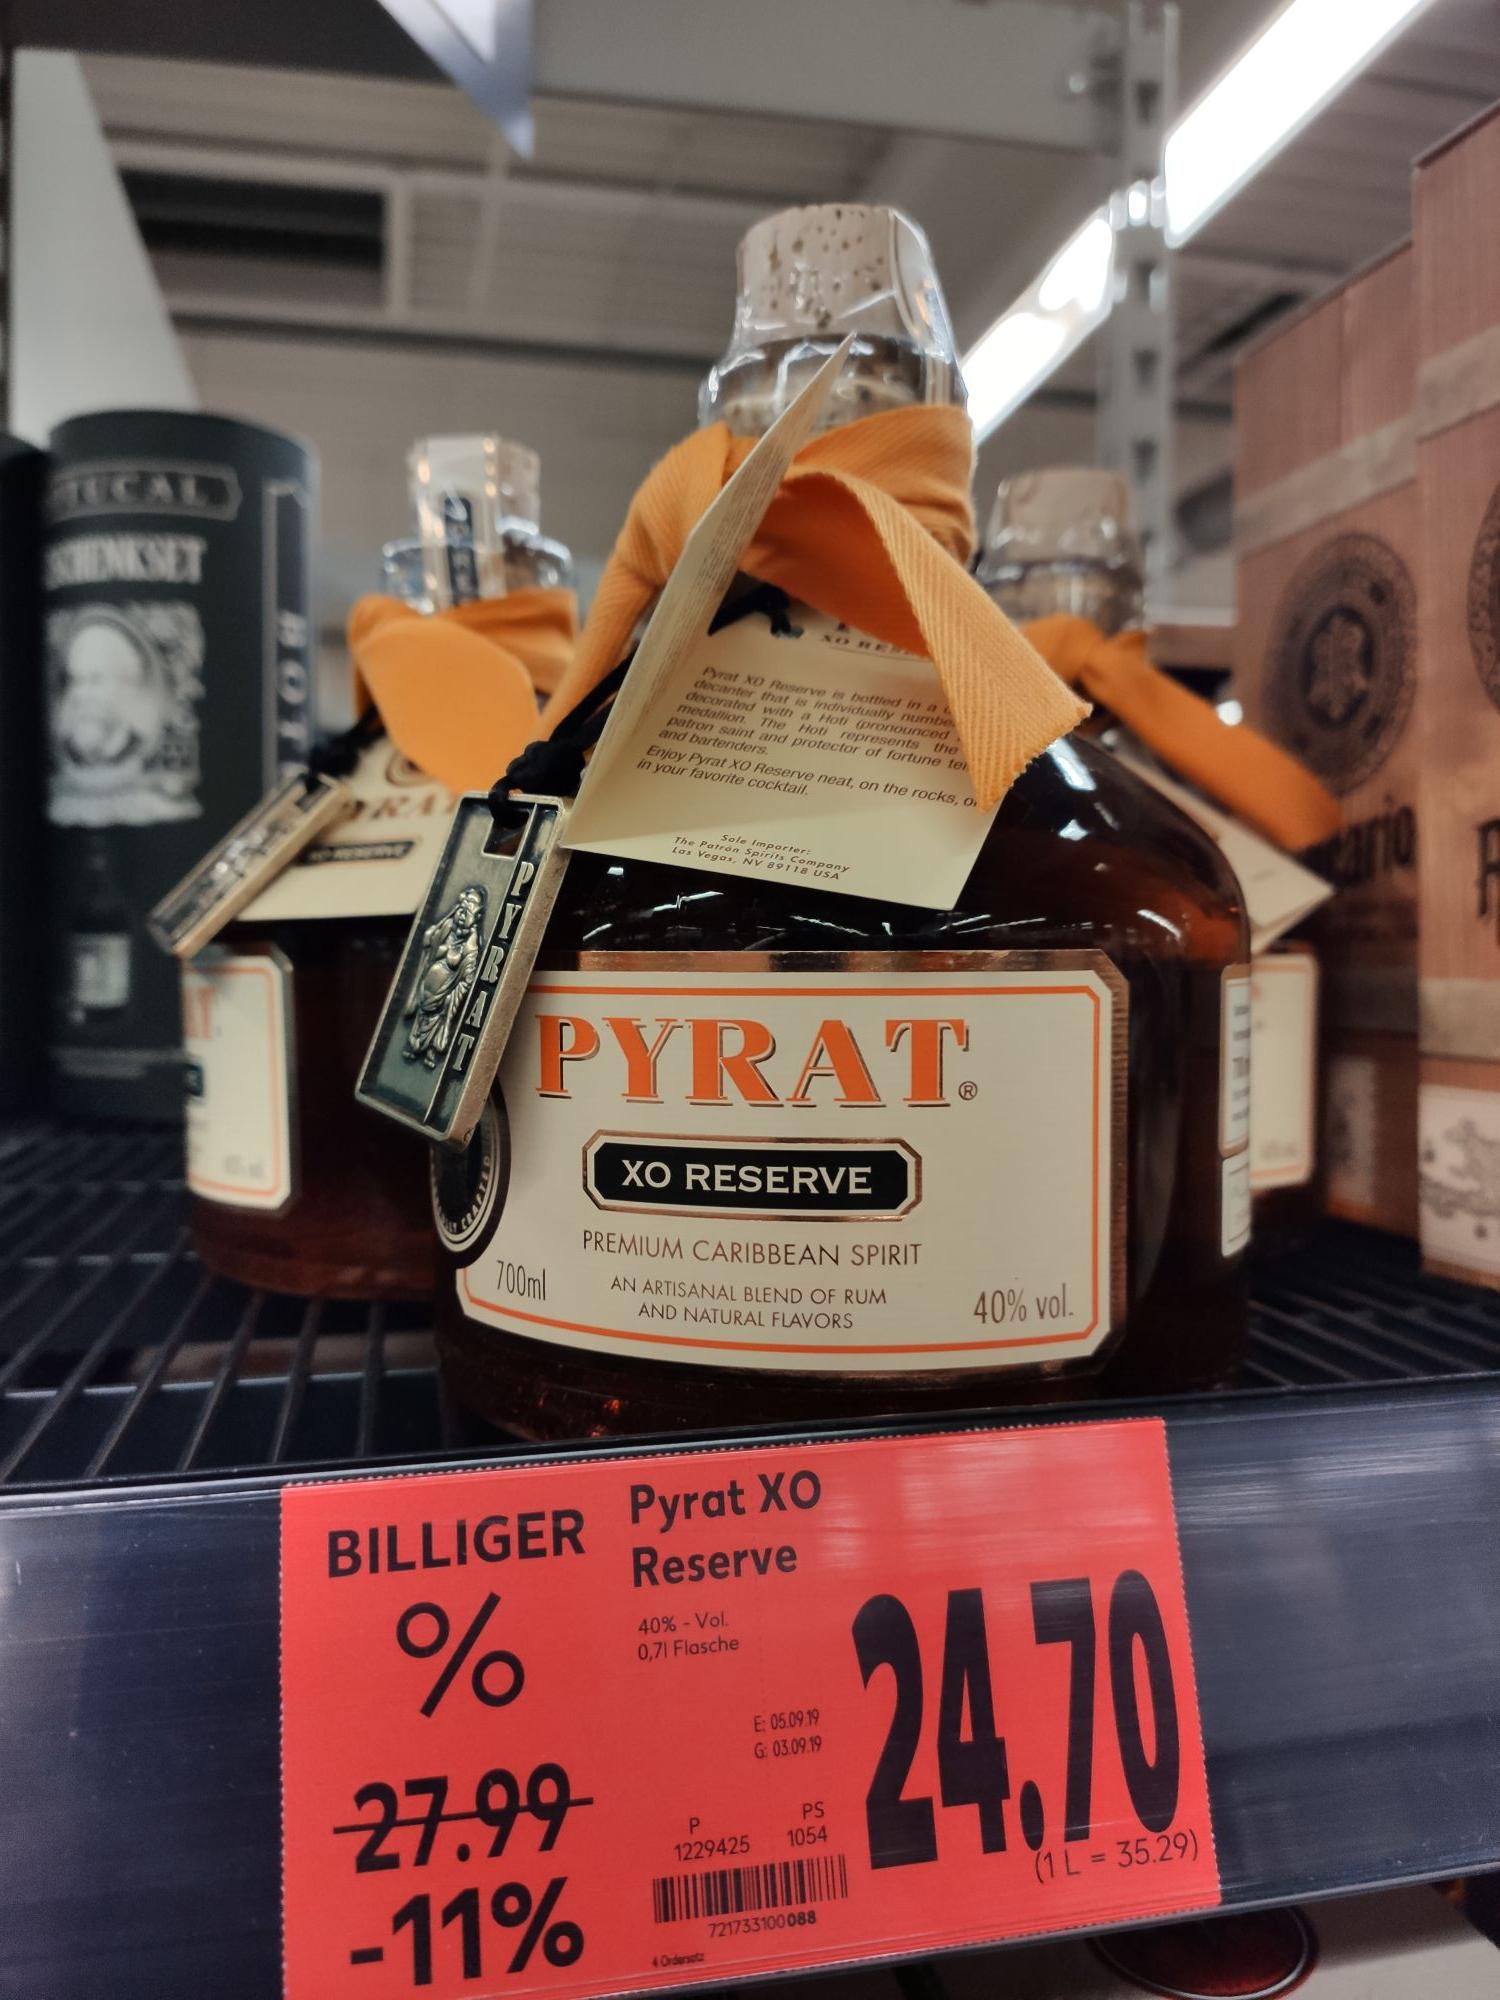 Pyrat XO Reserve 15 Jahre Rum [lokal Kaufland Friedrichshafen]